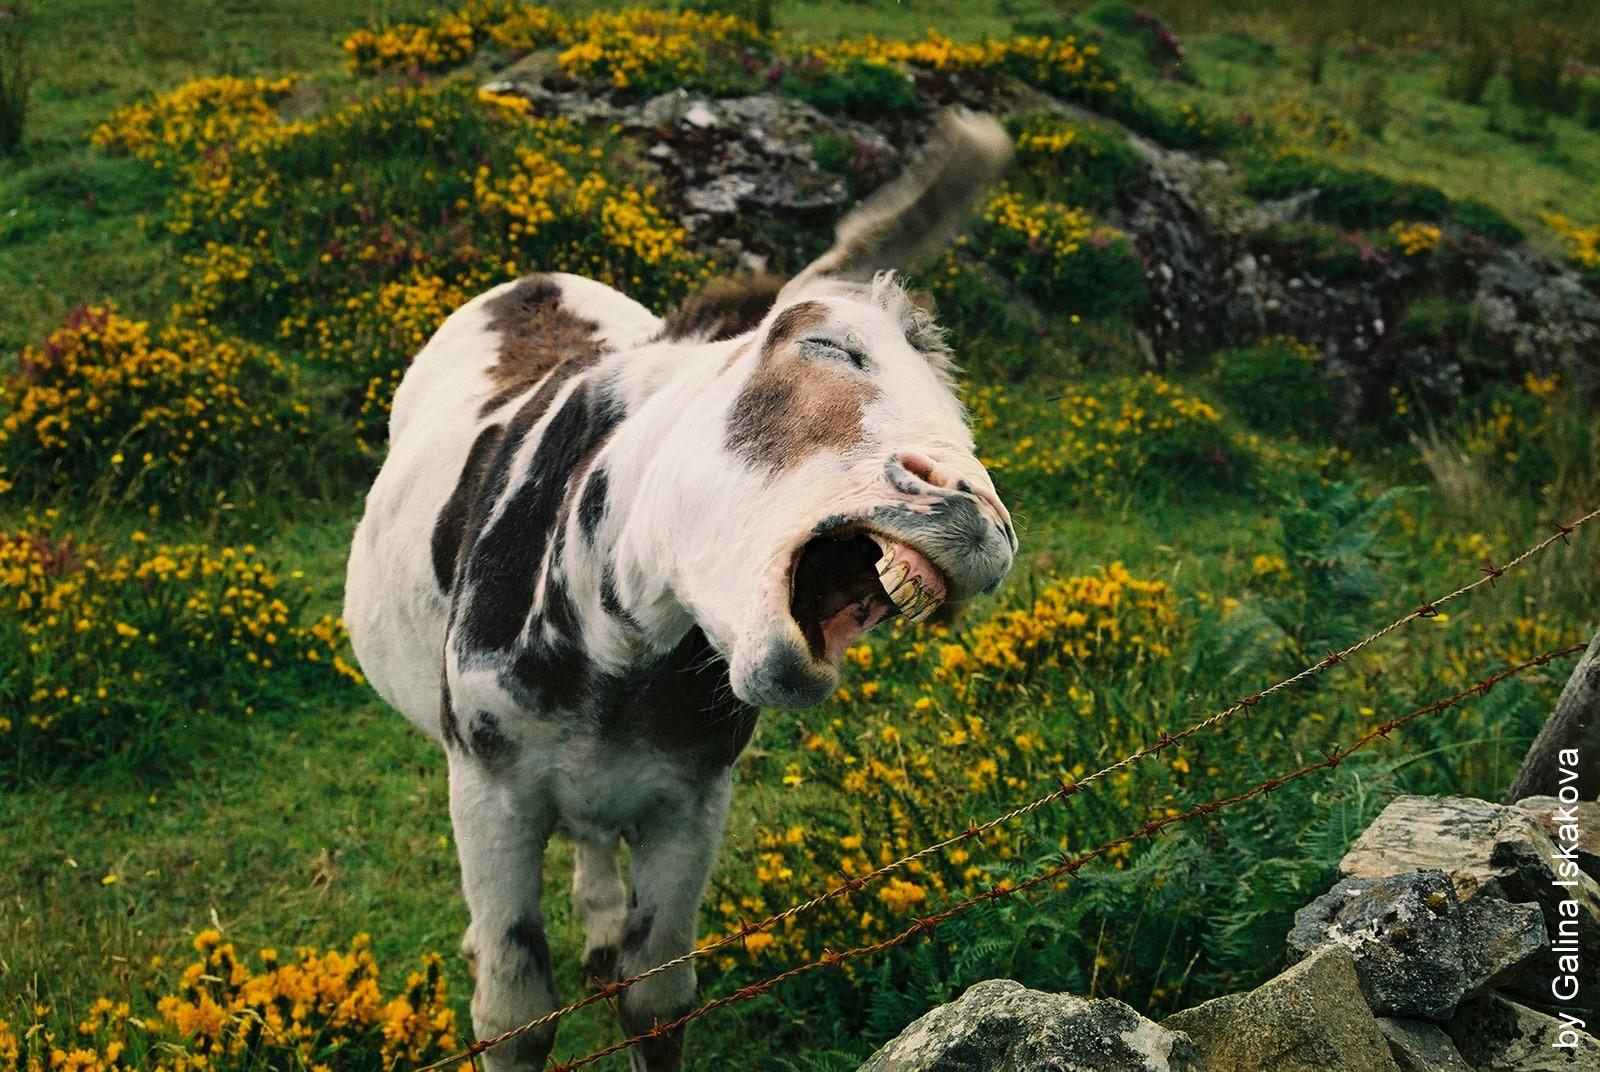 фото животного мира ирландии малейшем подозрении недомогание